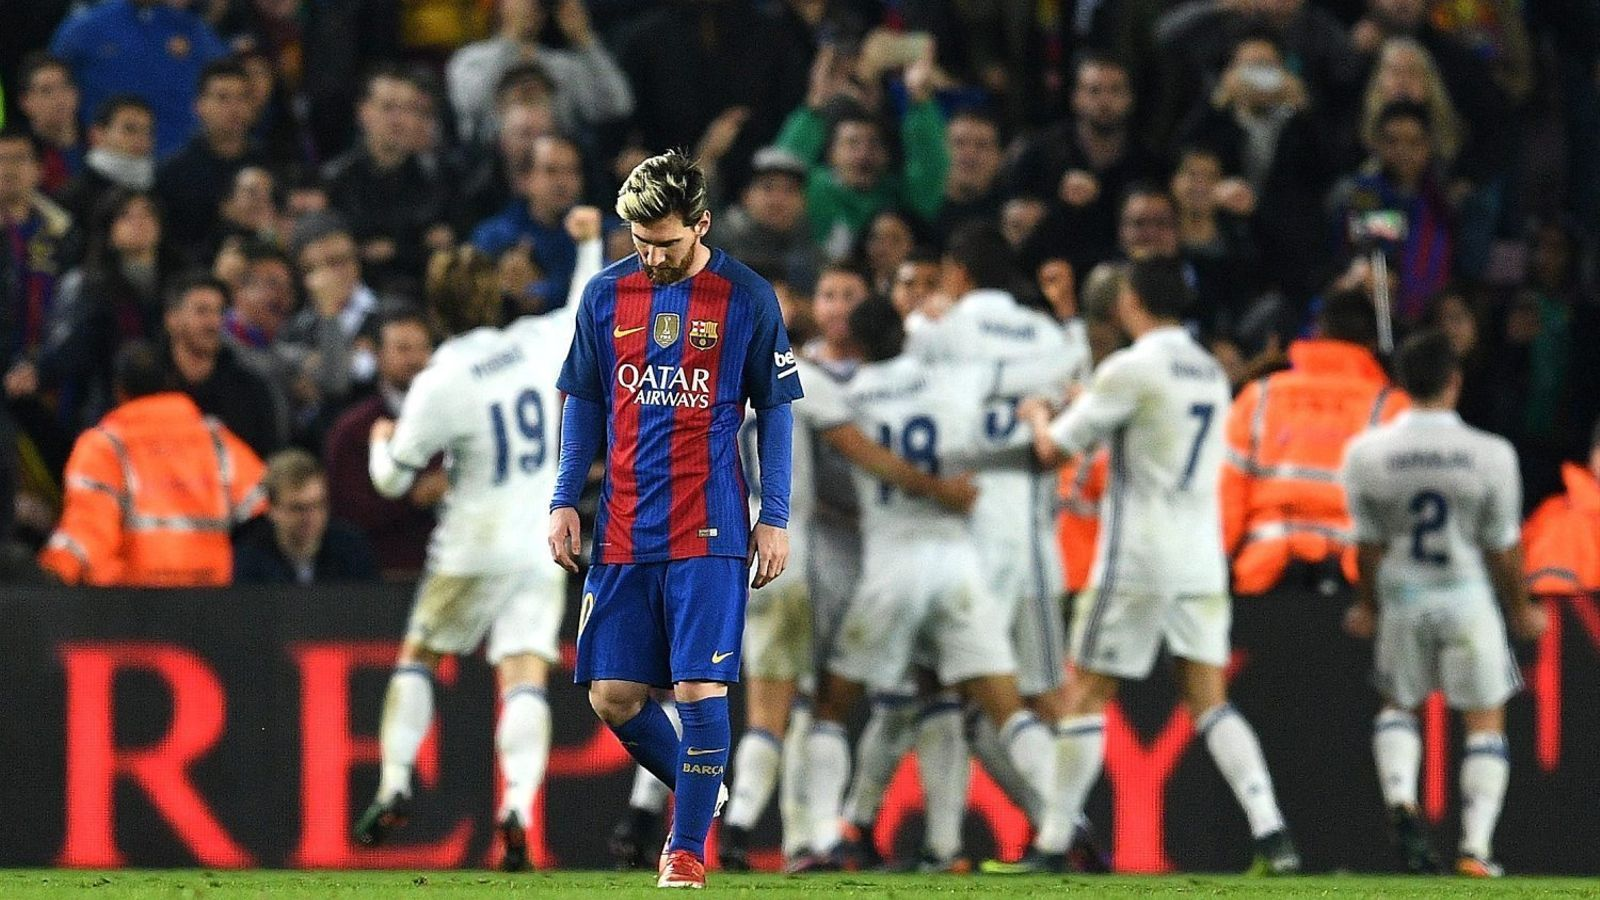 Messi decebut després del gol de l'empat del Reial Madrid aquest dissabte al Camp Nou.